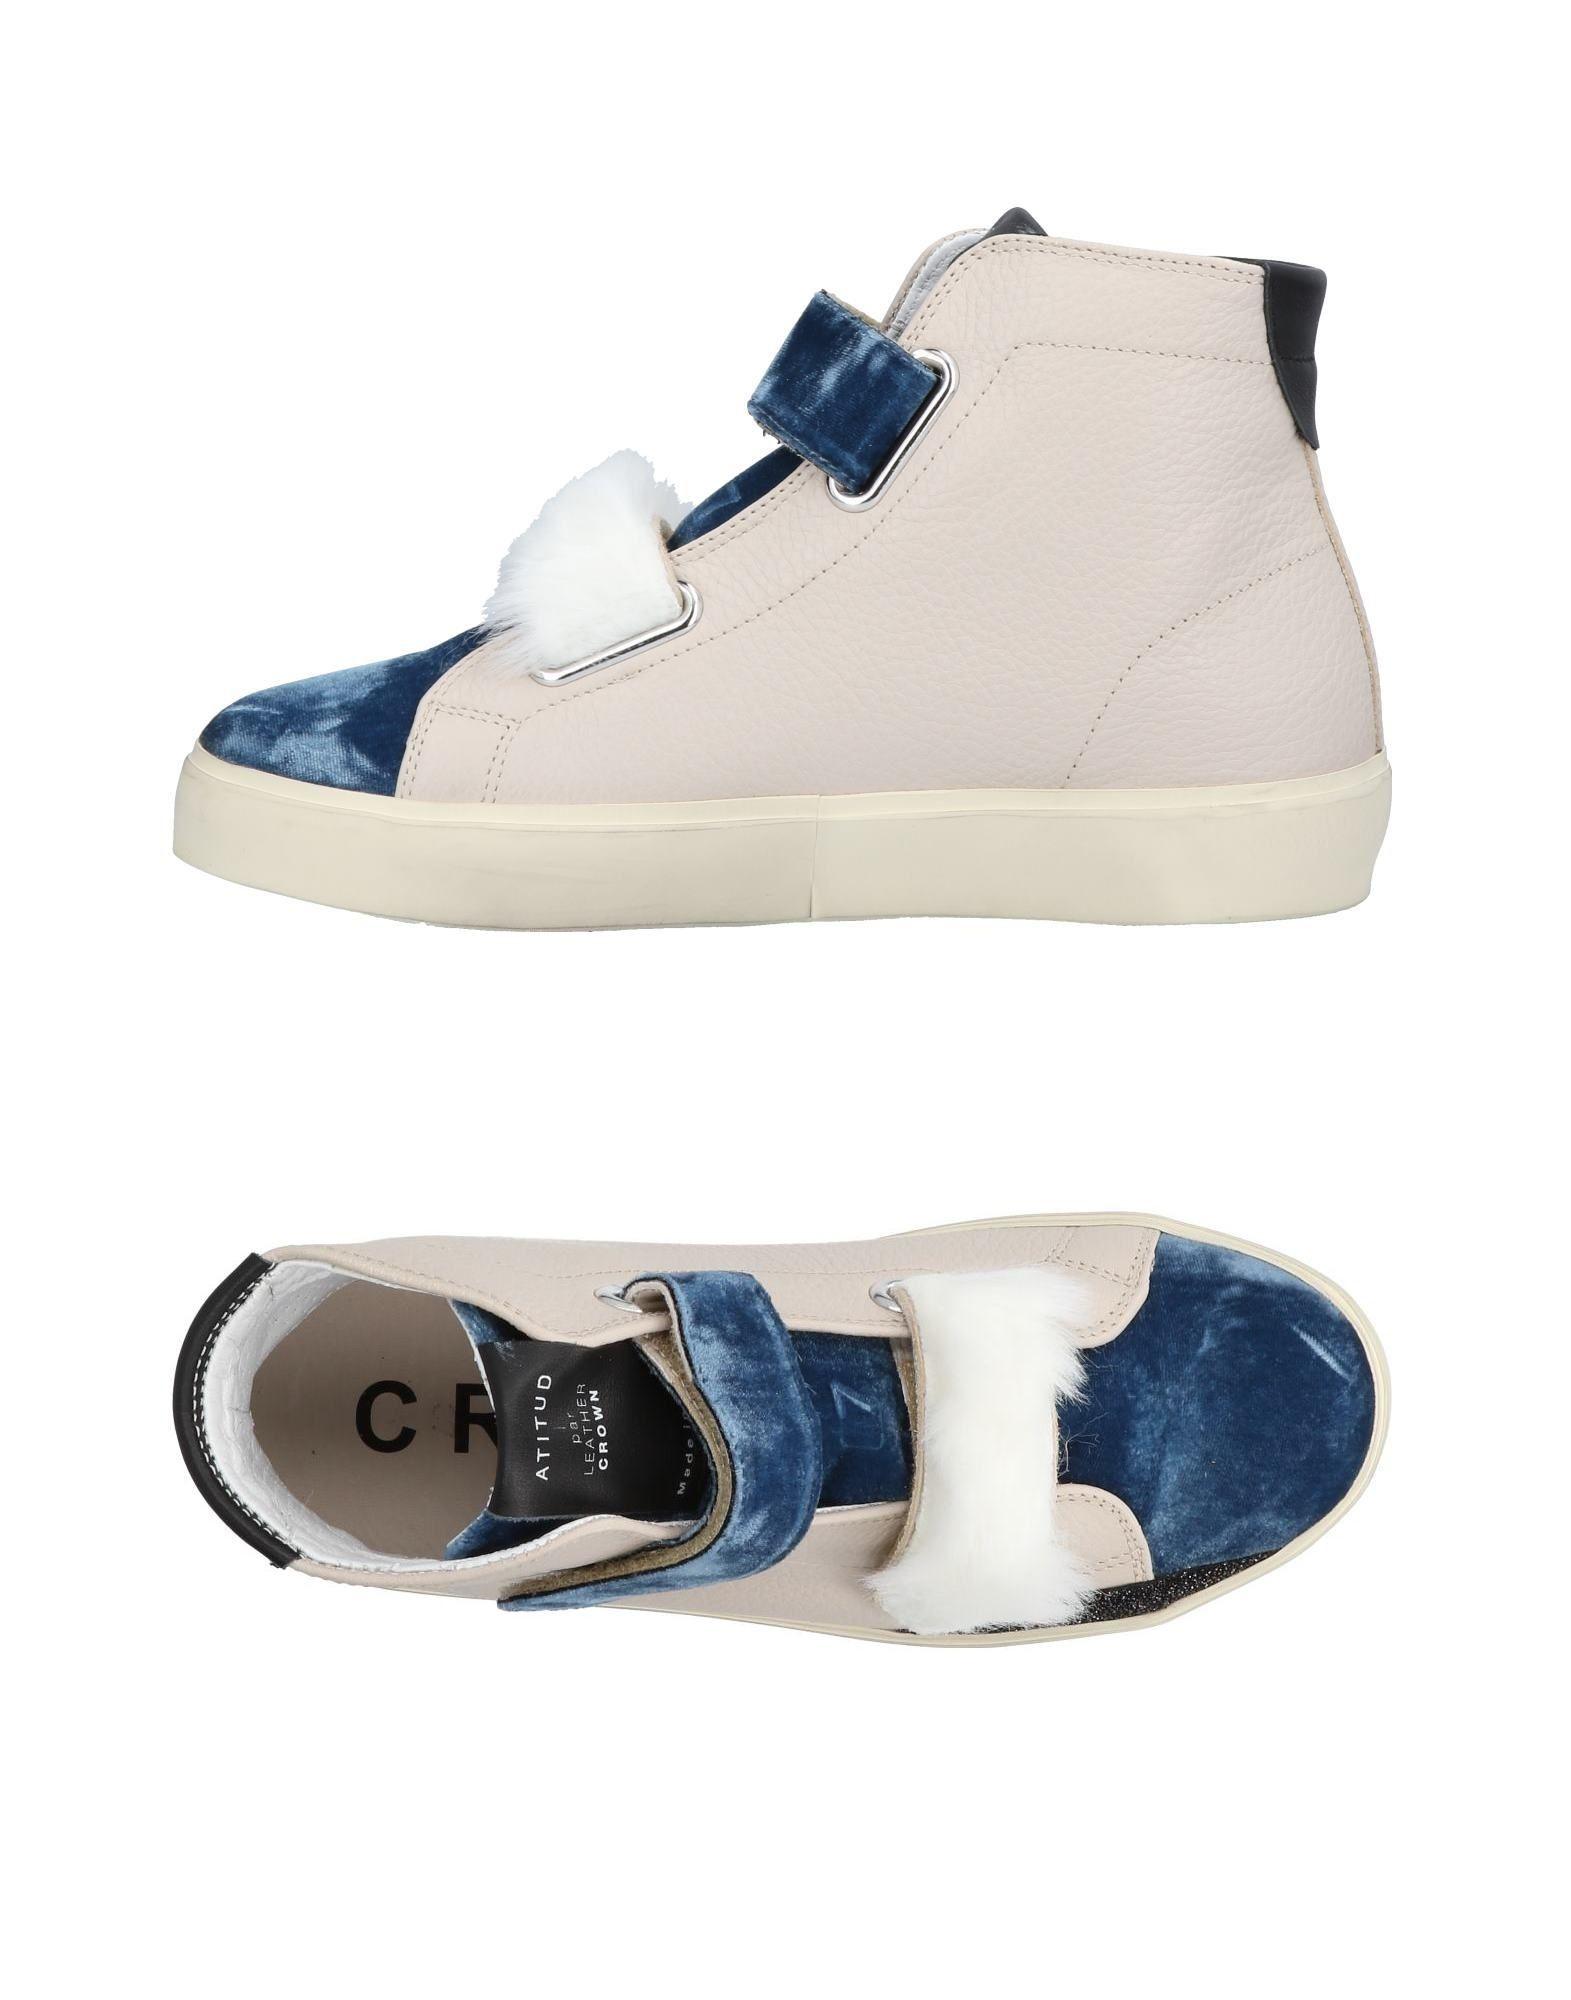 Baskets Leather Crown Femme - Baskets Leather Crown Bleu pétrole Mode pas cher et belle